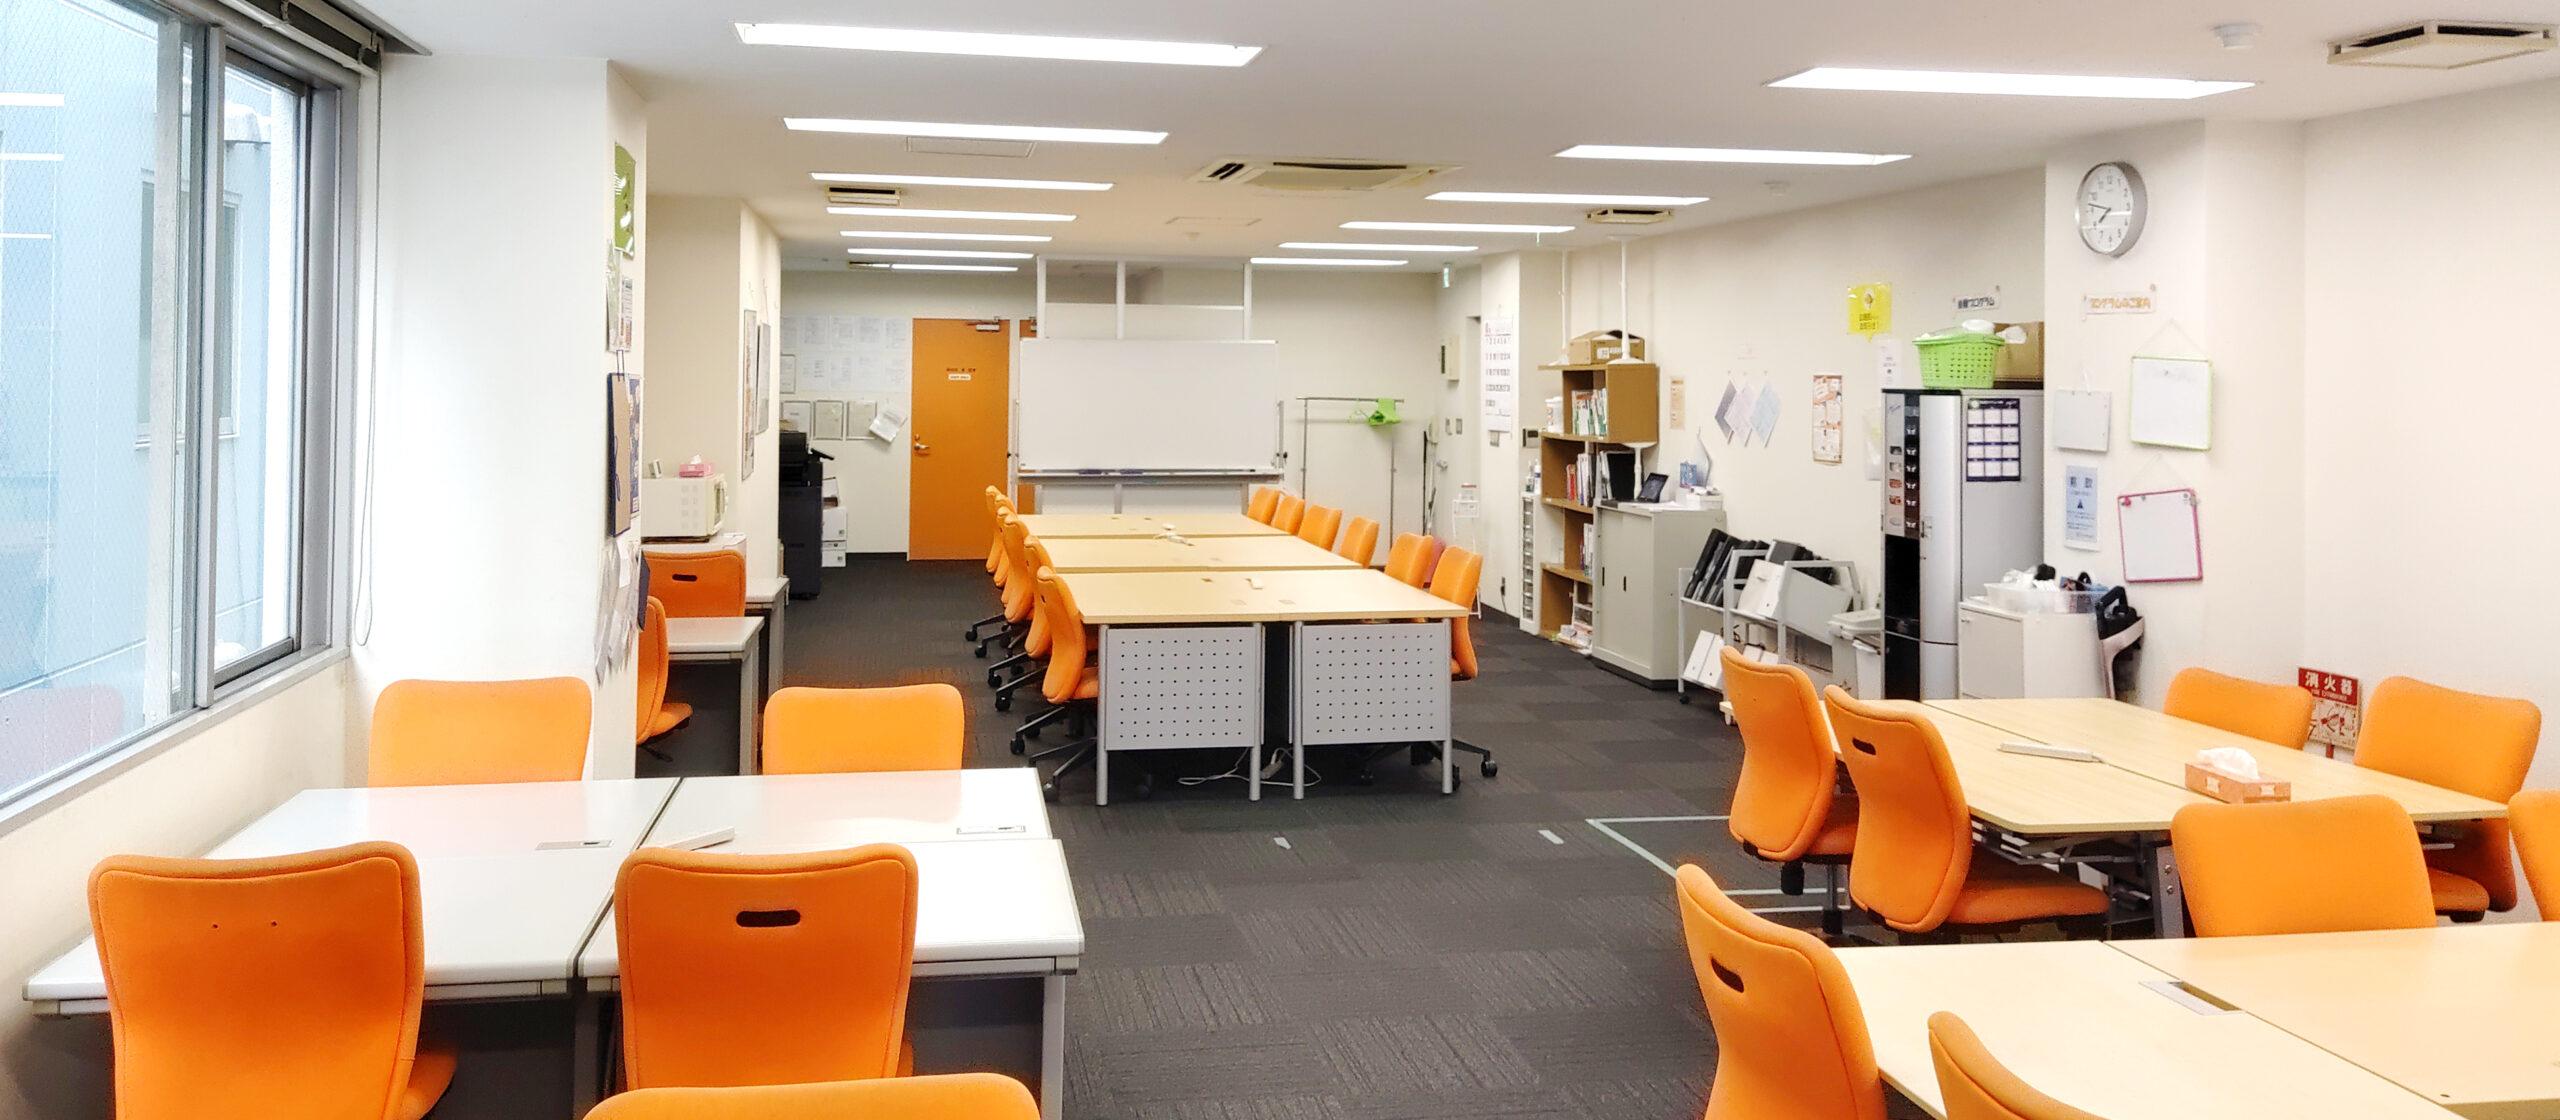 就労移行支援事業所湘南藤沢Office